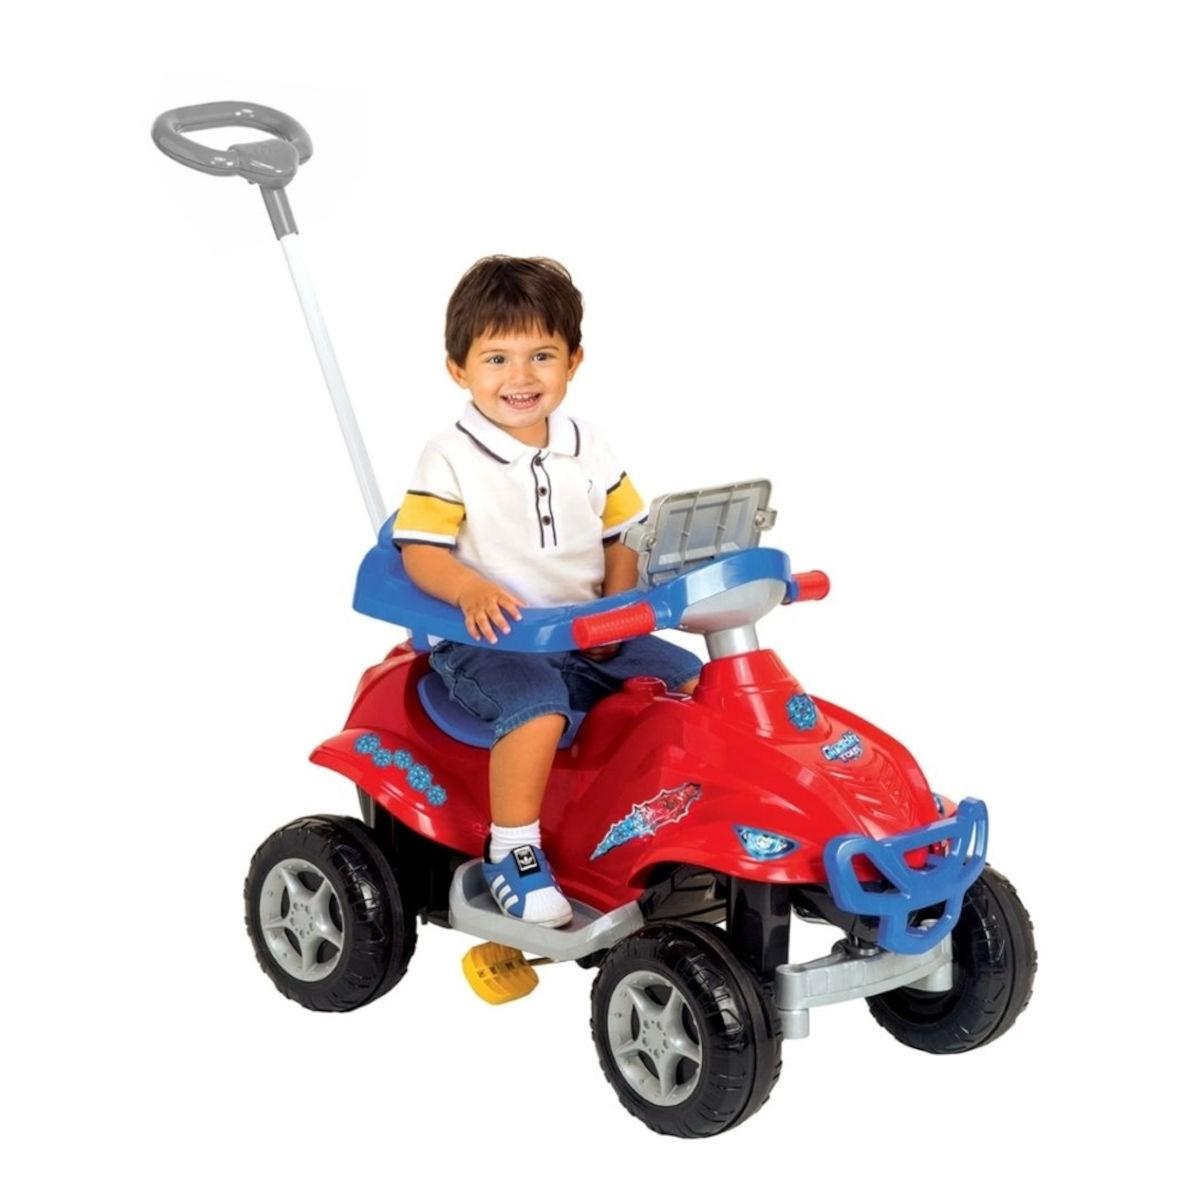 Quadriciclo Pedal C/ Som Luz Carrinho Passeio Spider Toys